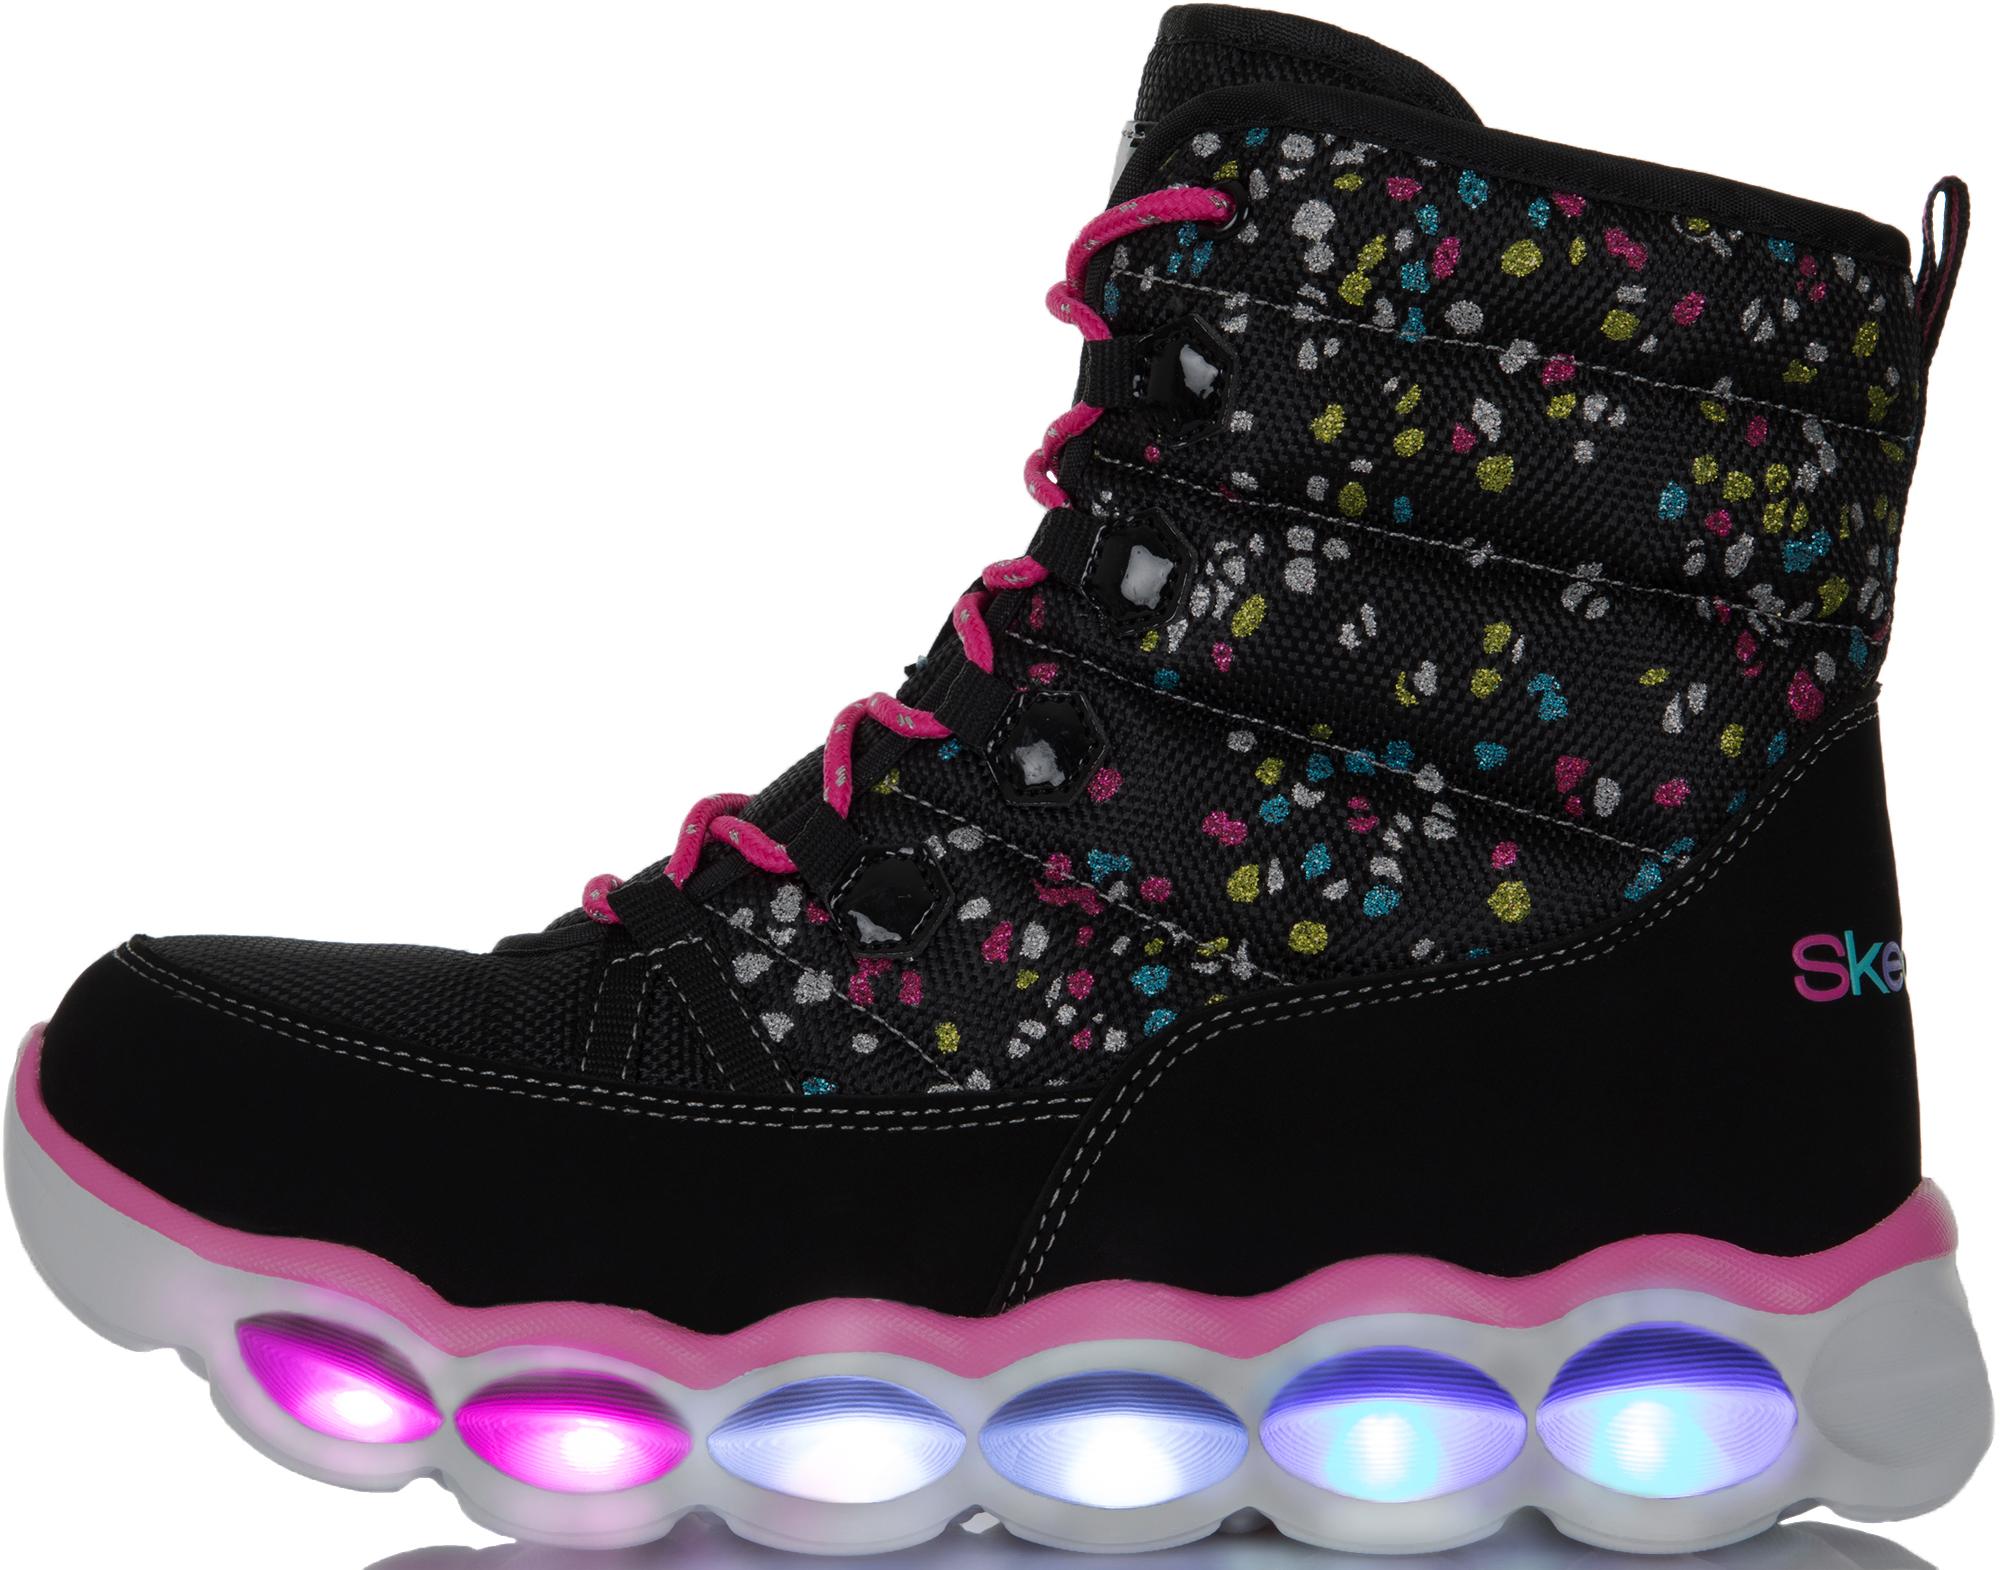 Skechers Сапоги для девочек Lumi-Luxe, размер 28,5